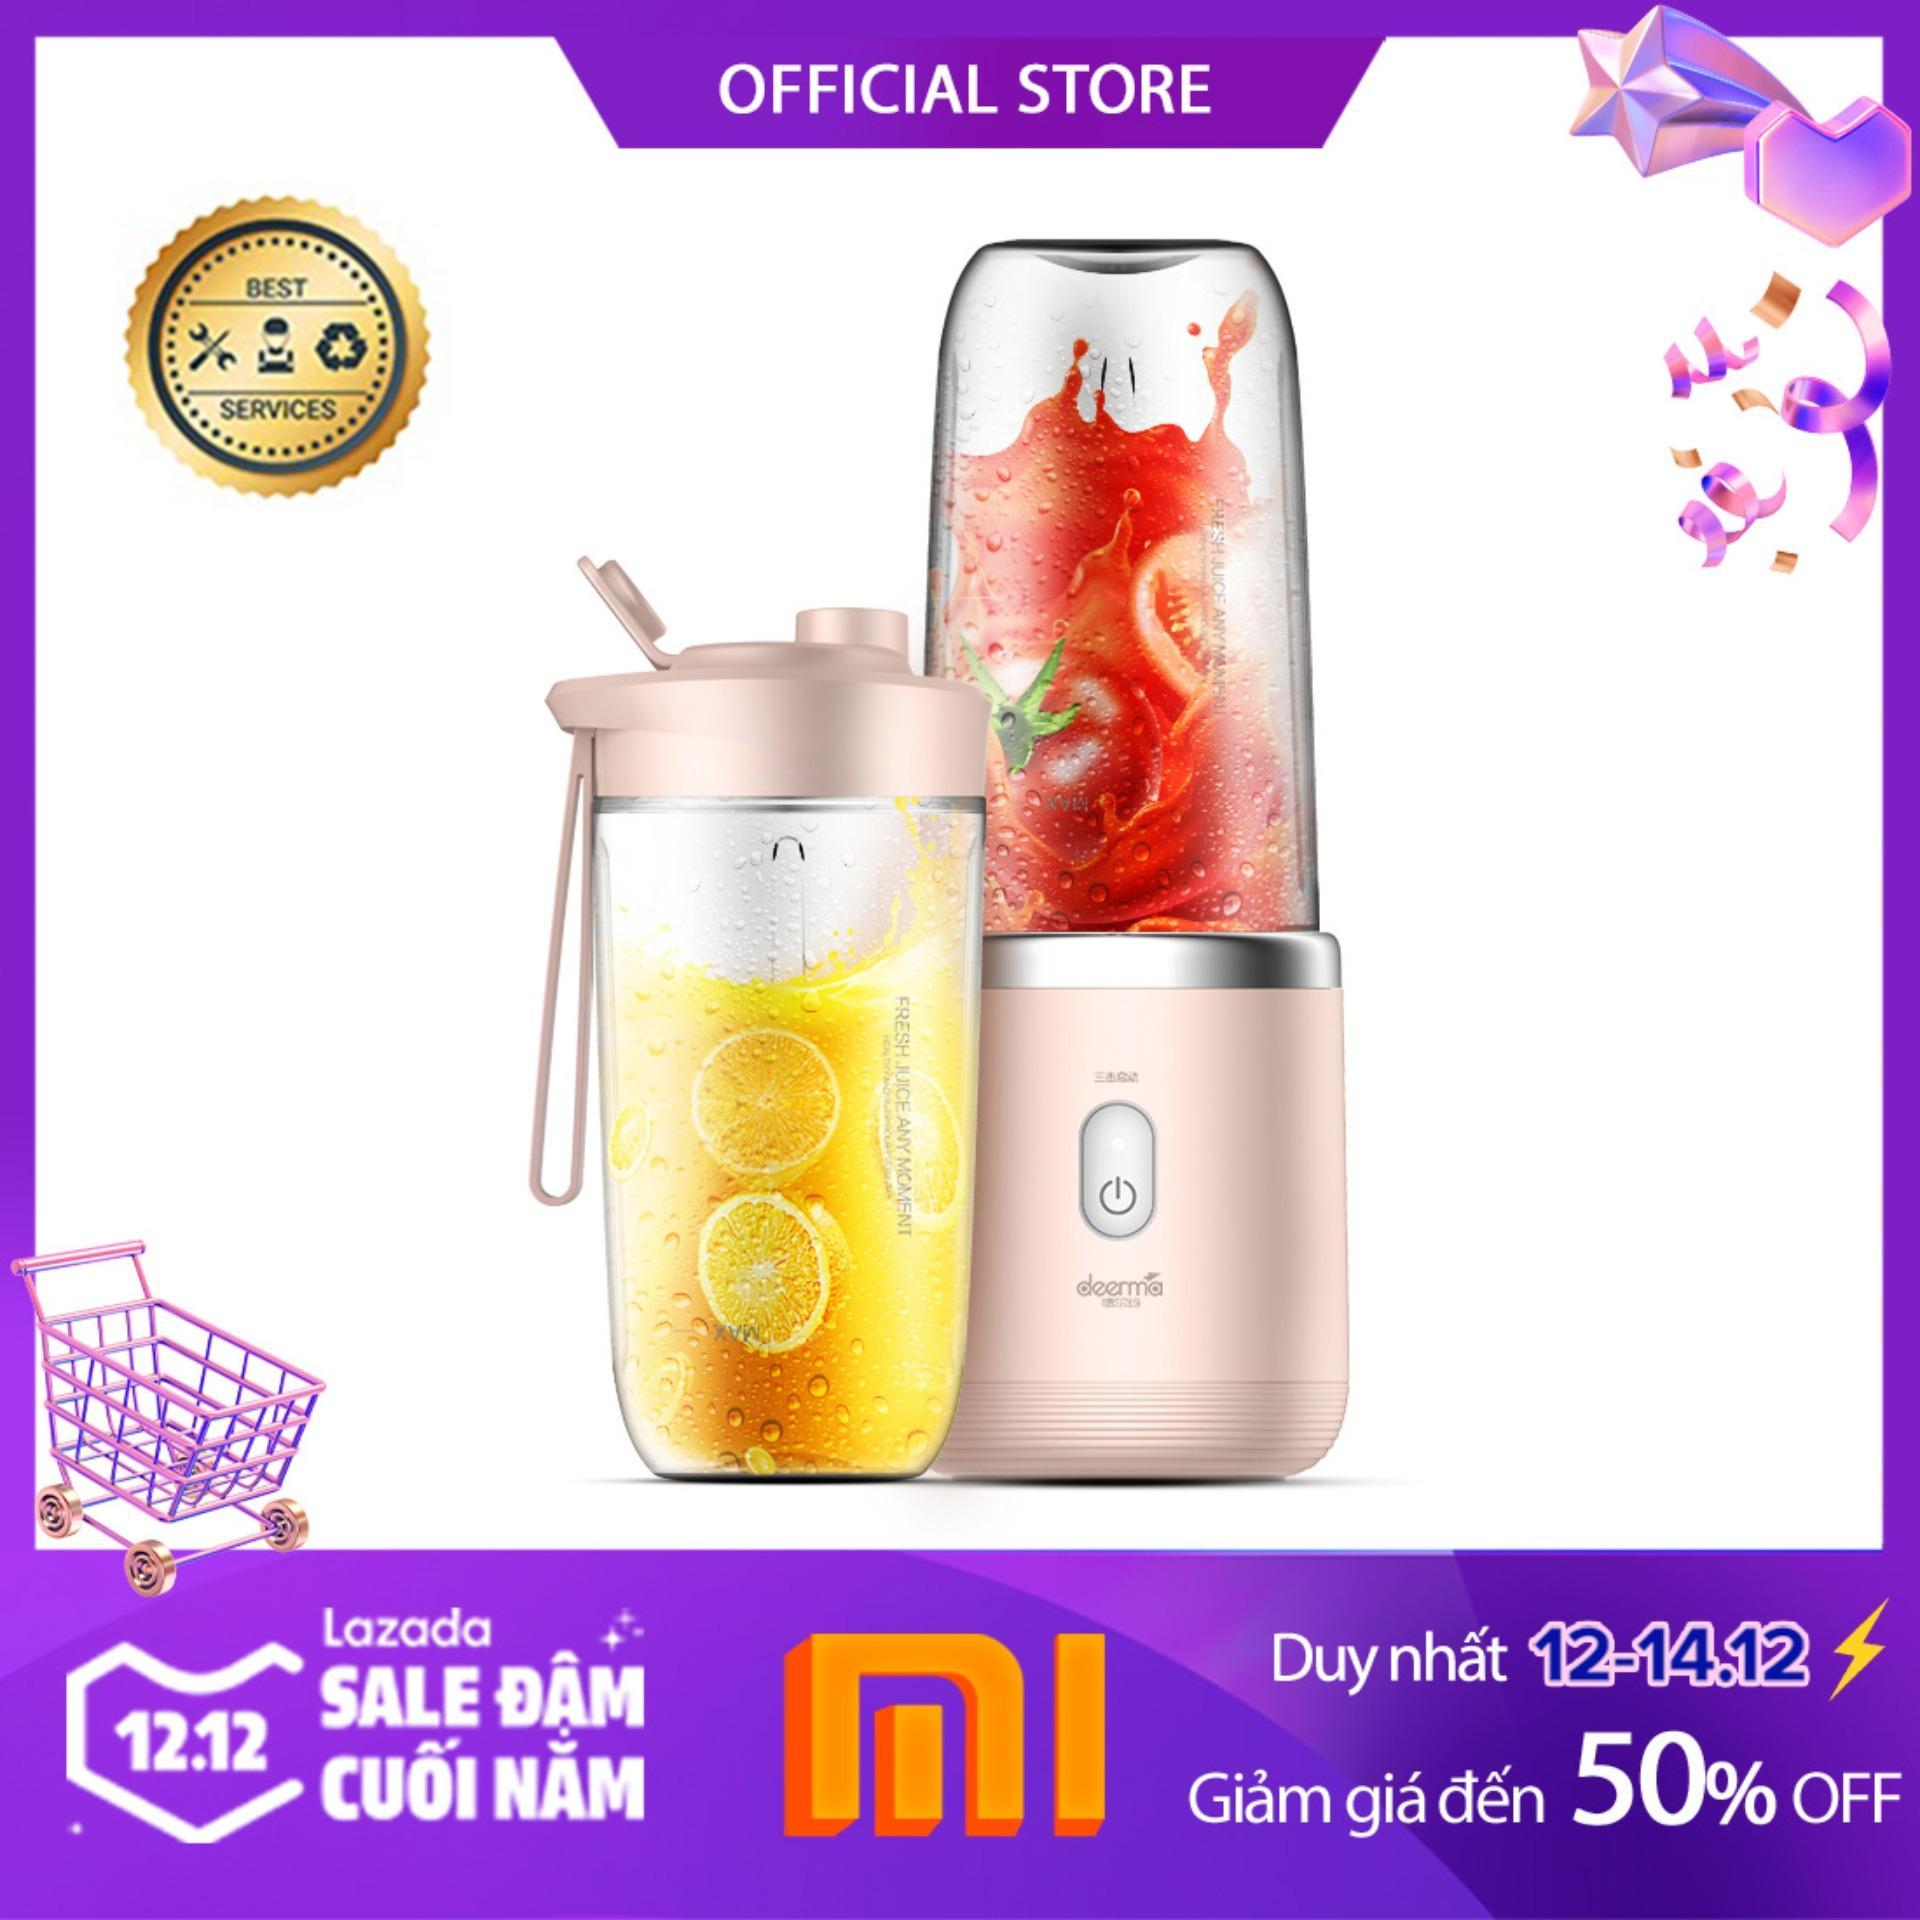 Máy Xay Sinh Tố Deerma Mini Juicer Blender Với Giá Sốc